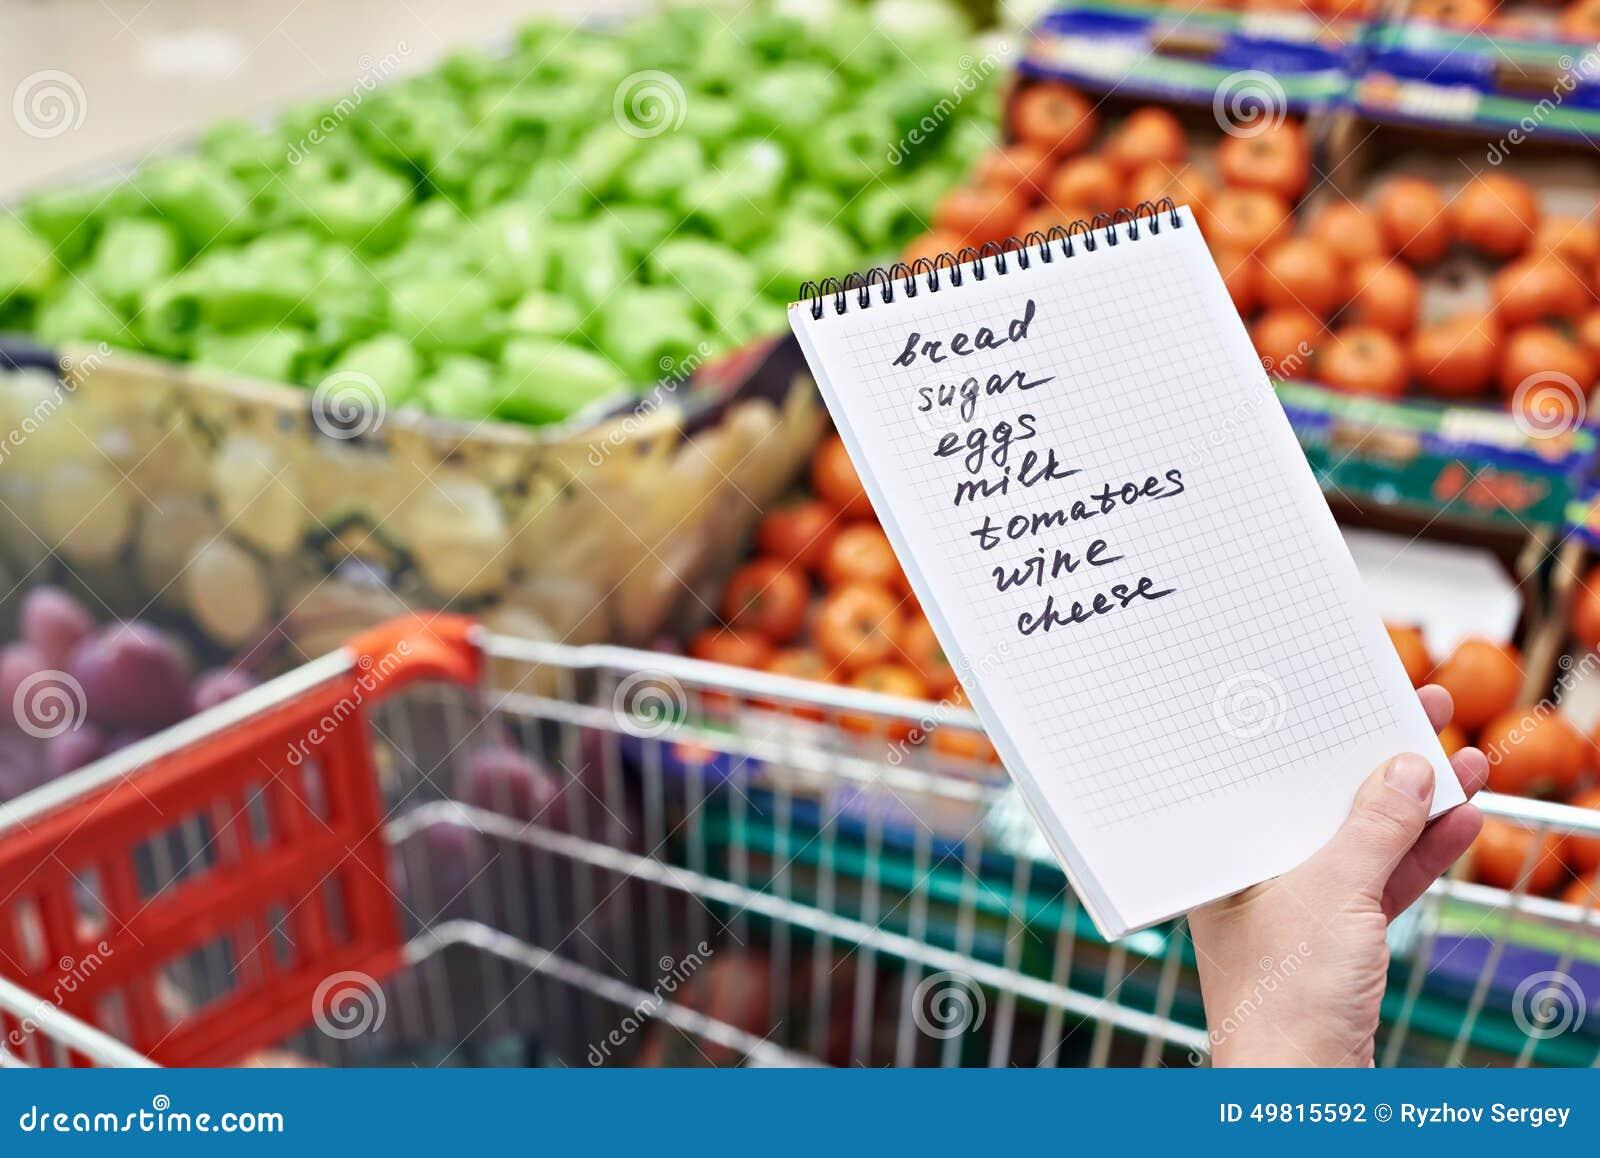 lista de compras en manos de la mujer en supermercado foto de